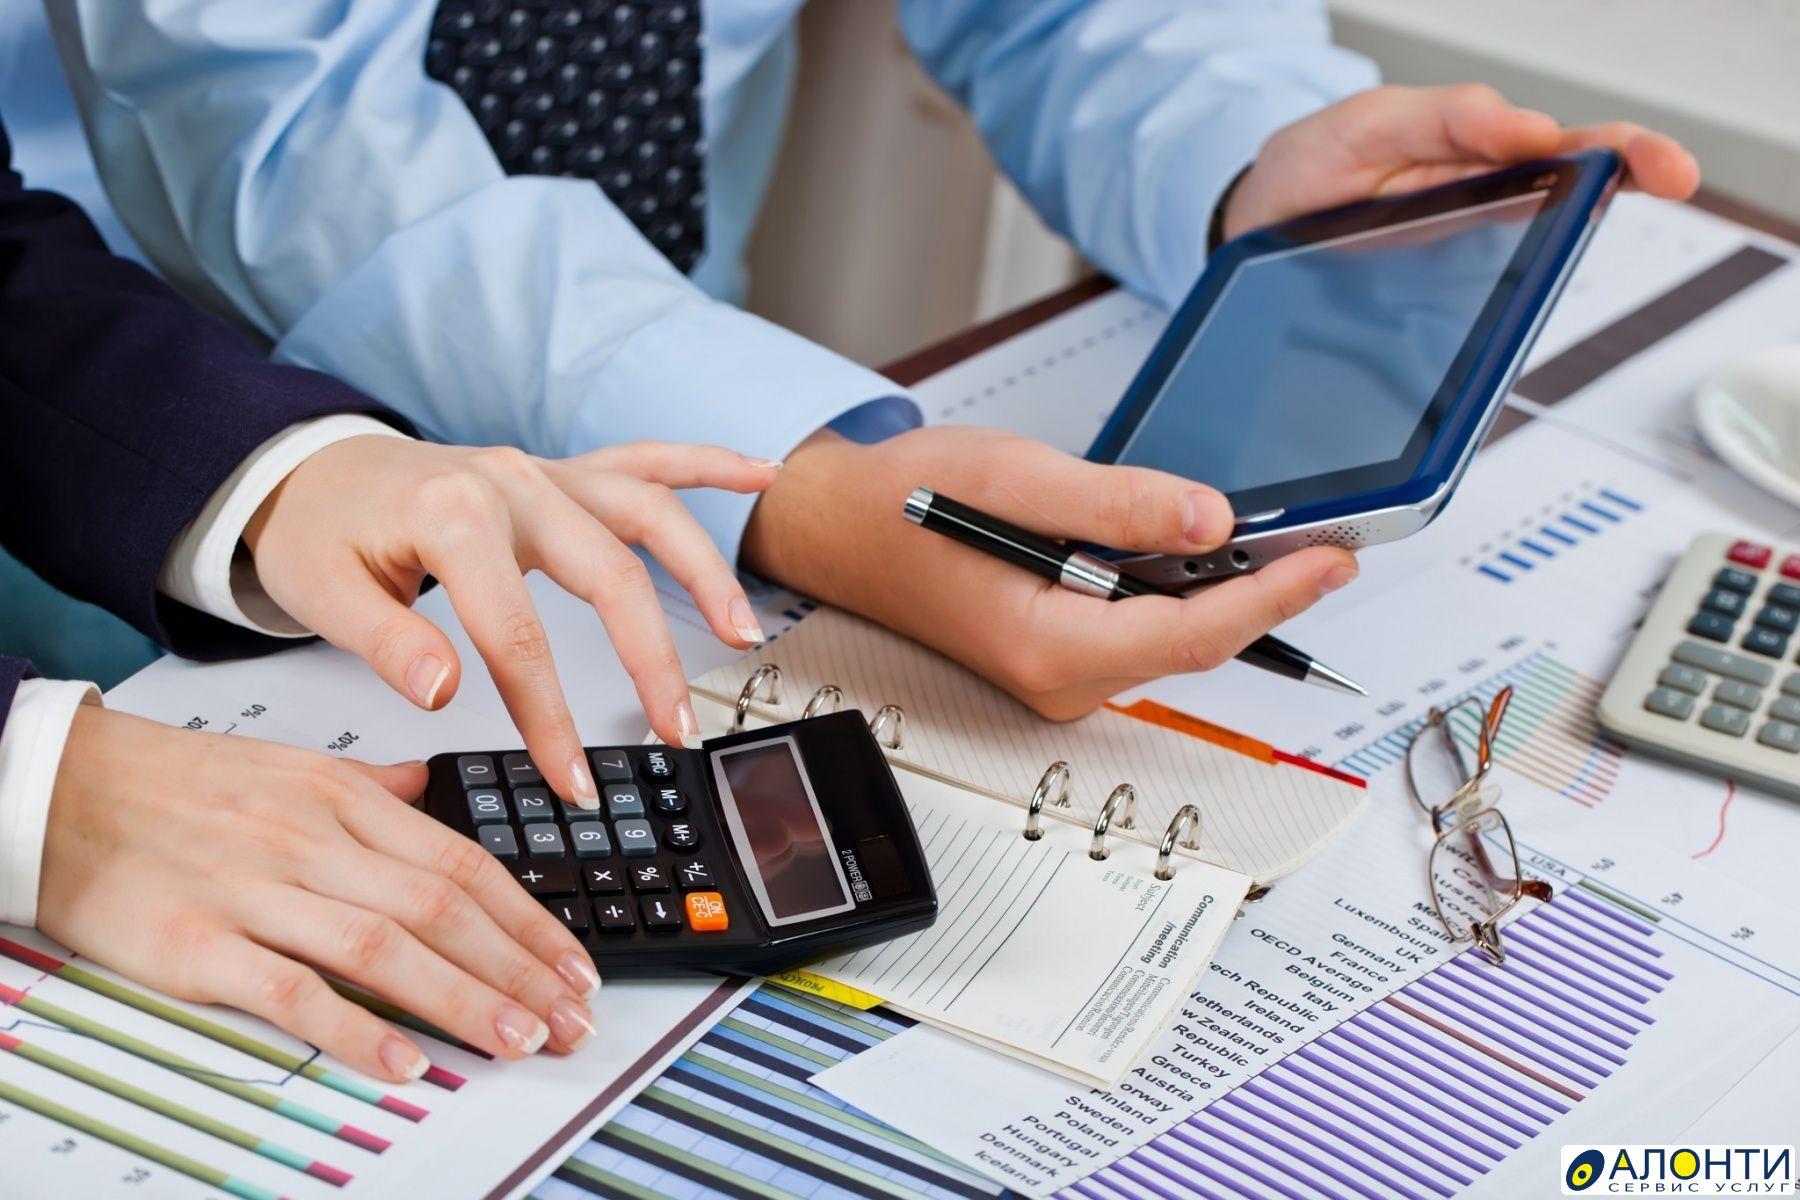 Услуги бухгалтера в банк функции бухгалтера по учету услуг